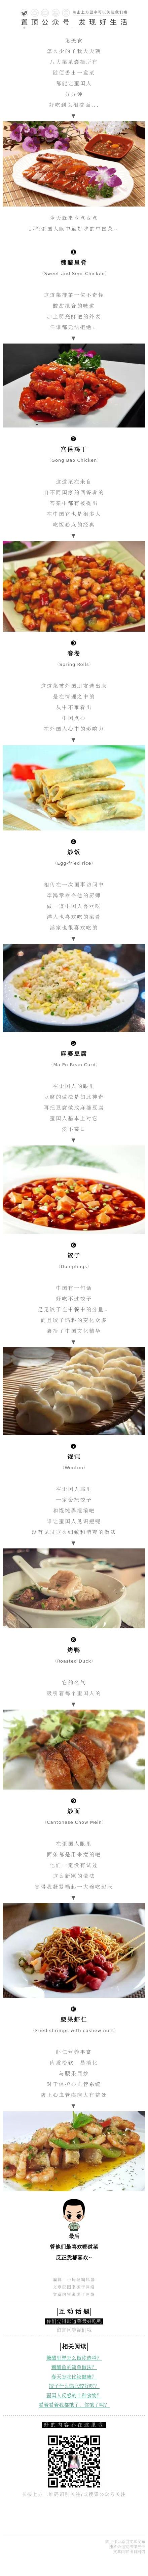 美食酒店菜系介绍中国菜排行餐厅餐饮微信模板